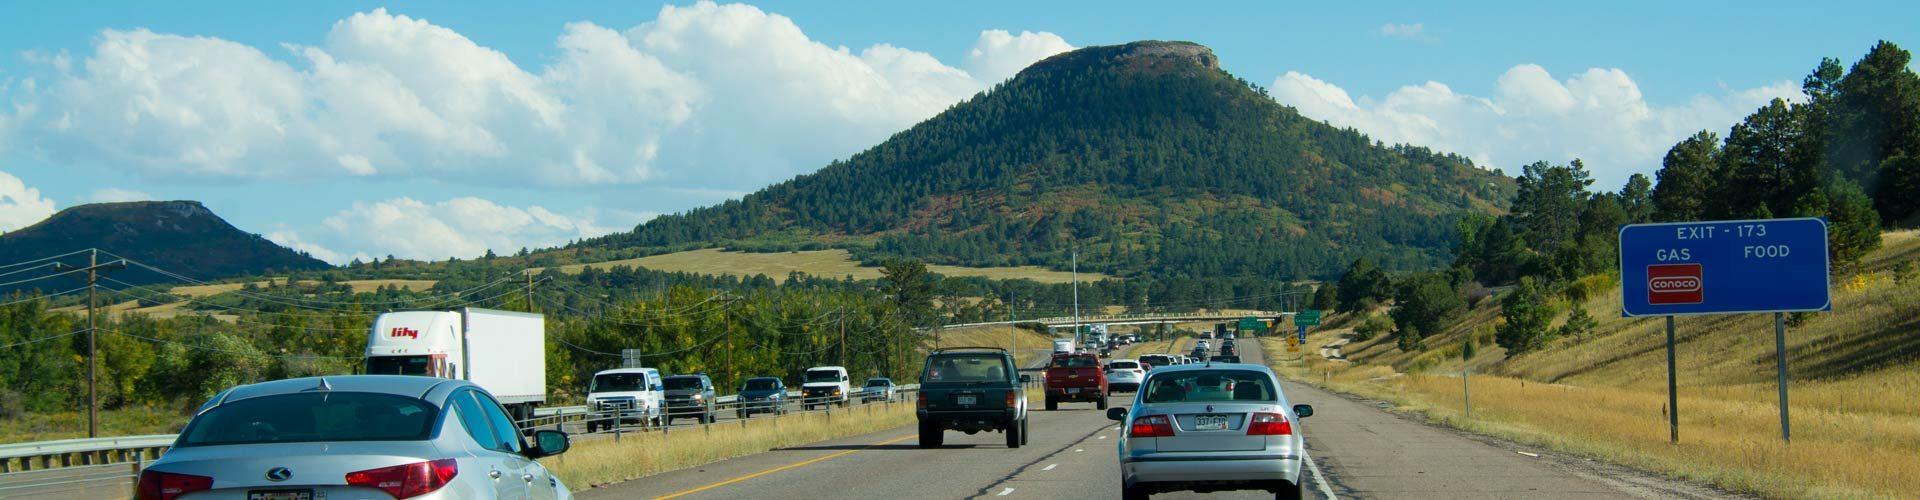 Highway in Colorado